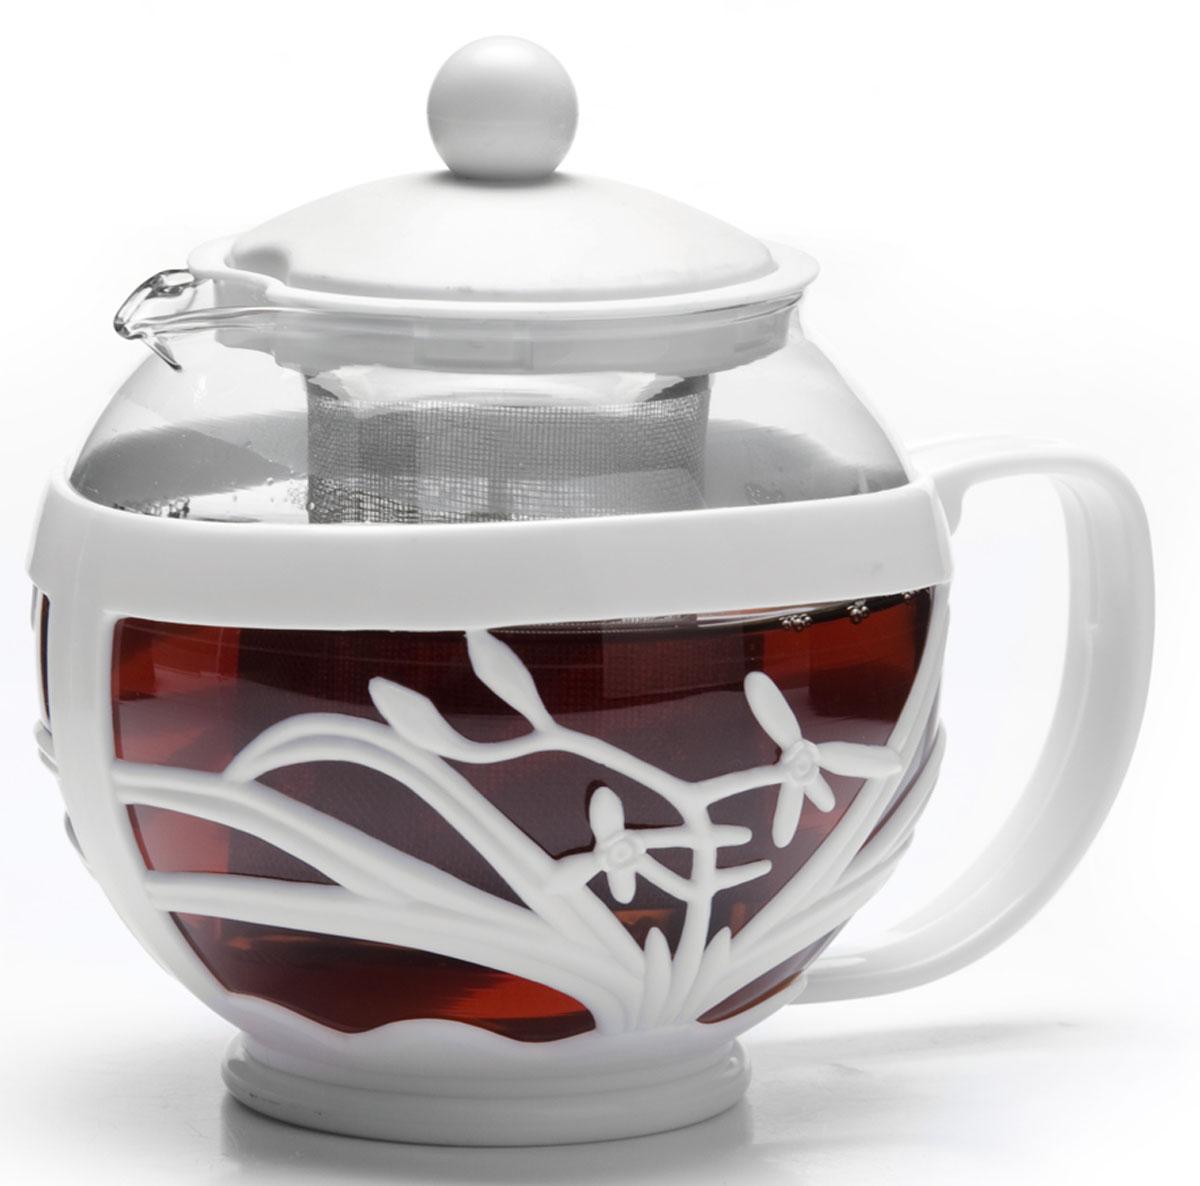 Чайник заварочный Mayer&Boch, 750 мл 26809-326809-3Заварочный чайник Mayer & Boch изготовлен из термостойкого боросиликатного стекла, фильтр выполнен из нержавеющей стали. Изделия из стекла не впитывают запахи, благодаря чему вы всегда получите натуральный, насыщенный вкус и аромат напитков. Заварочный чайник из стекла удобно использовать для повседневного заваривания чая практически любого сорта. Но цветочные, фруктовые, красные и желтые сорта чая лучше других раскрывают свой вкус и аромат при заваривании именно в стеклянных чайниках, а также сохраняют все полезные ферменты и витамины, содержащиеся в чайных листах. Стальной фильтр гарантирует прозрачность и чистоту напитка от чайных листьев, при этом сохранив букет и насыщенность чая. Прозрачные стенки чайника дают возможность насладиться насыщенным цветом заваренного чая. Изящный заварочный чайник Mayer & Boch будет прекрасно смотреться в любом интерьере. Подходит для мытья в посудомоечной машине.